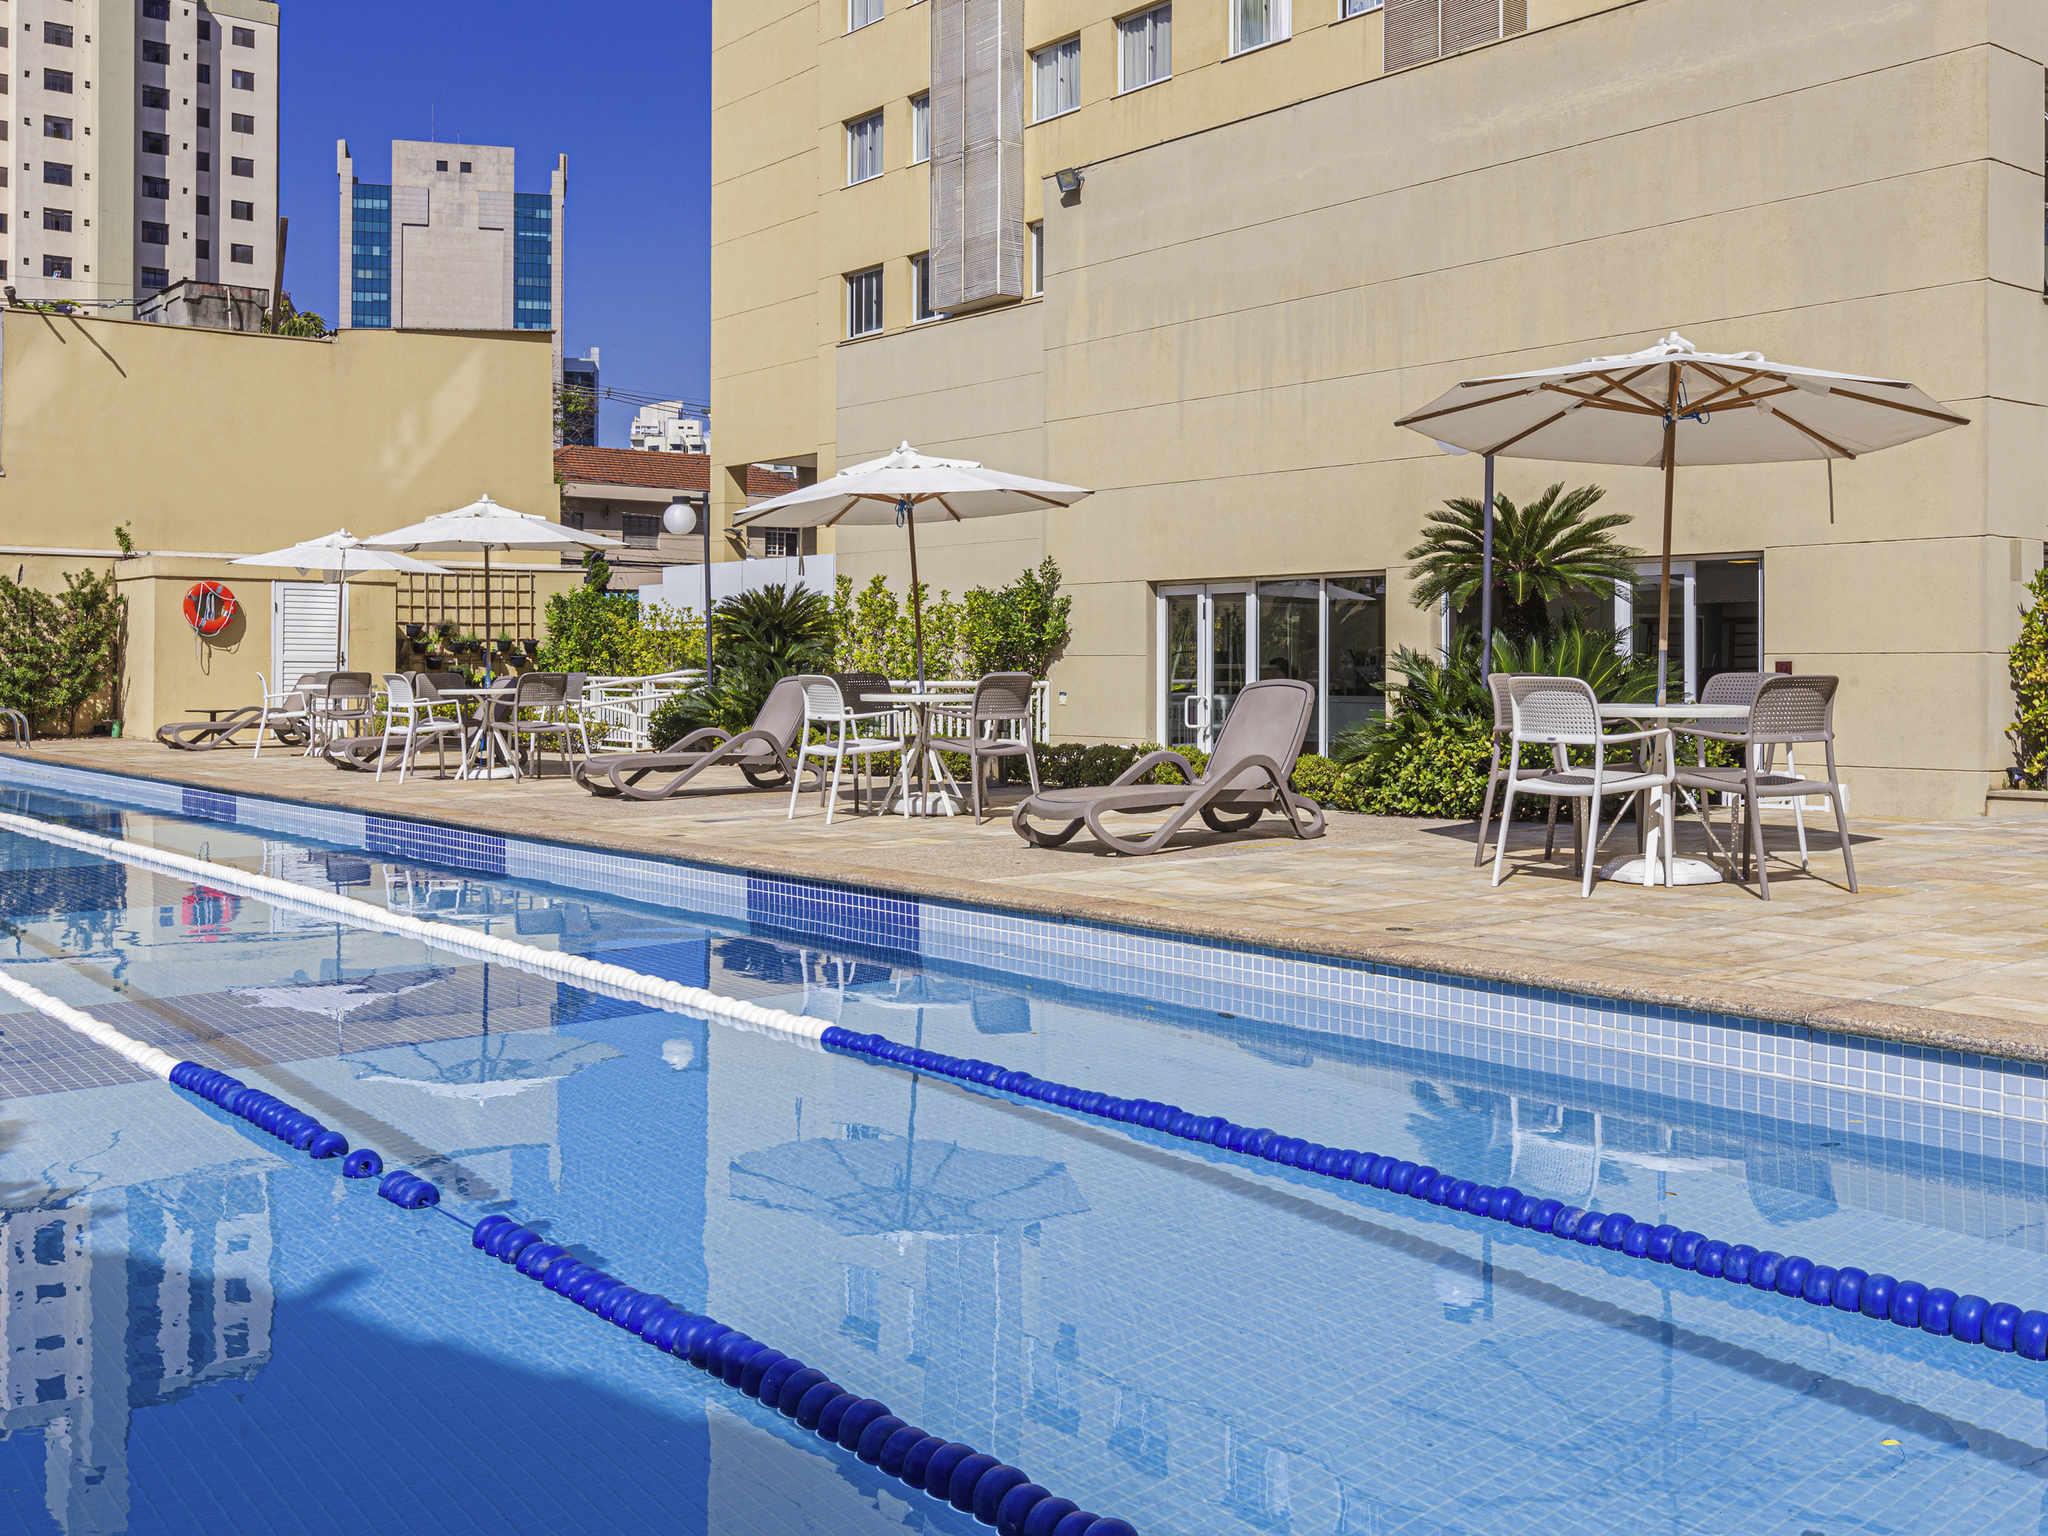 ホテル – メルキュール サンパウロ ヴィラ オリンピア ホテル